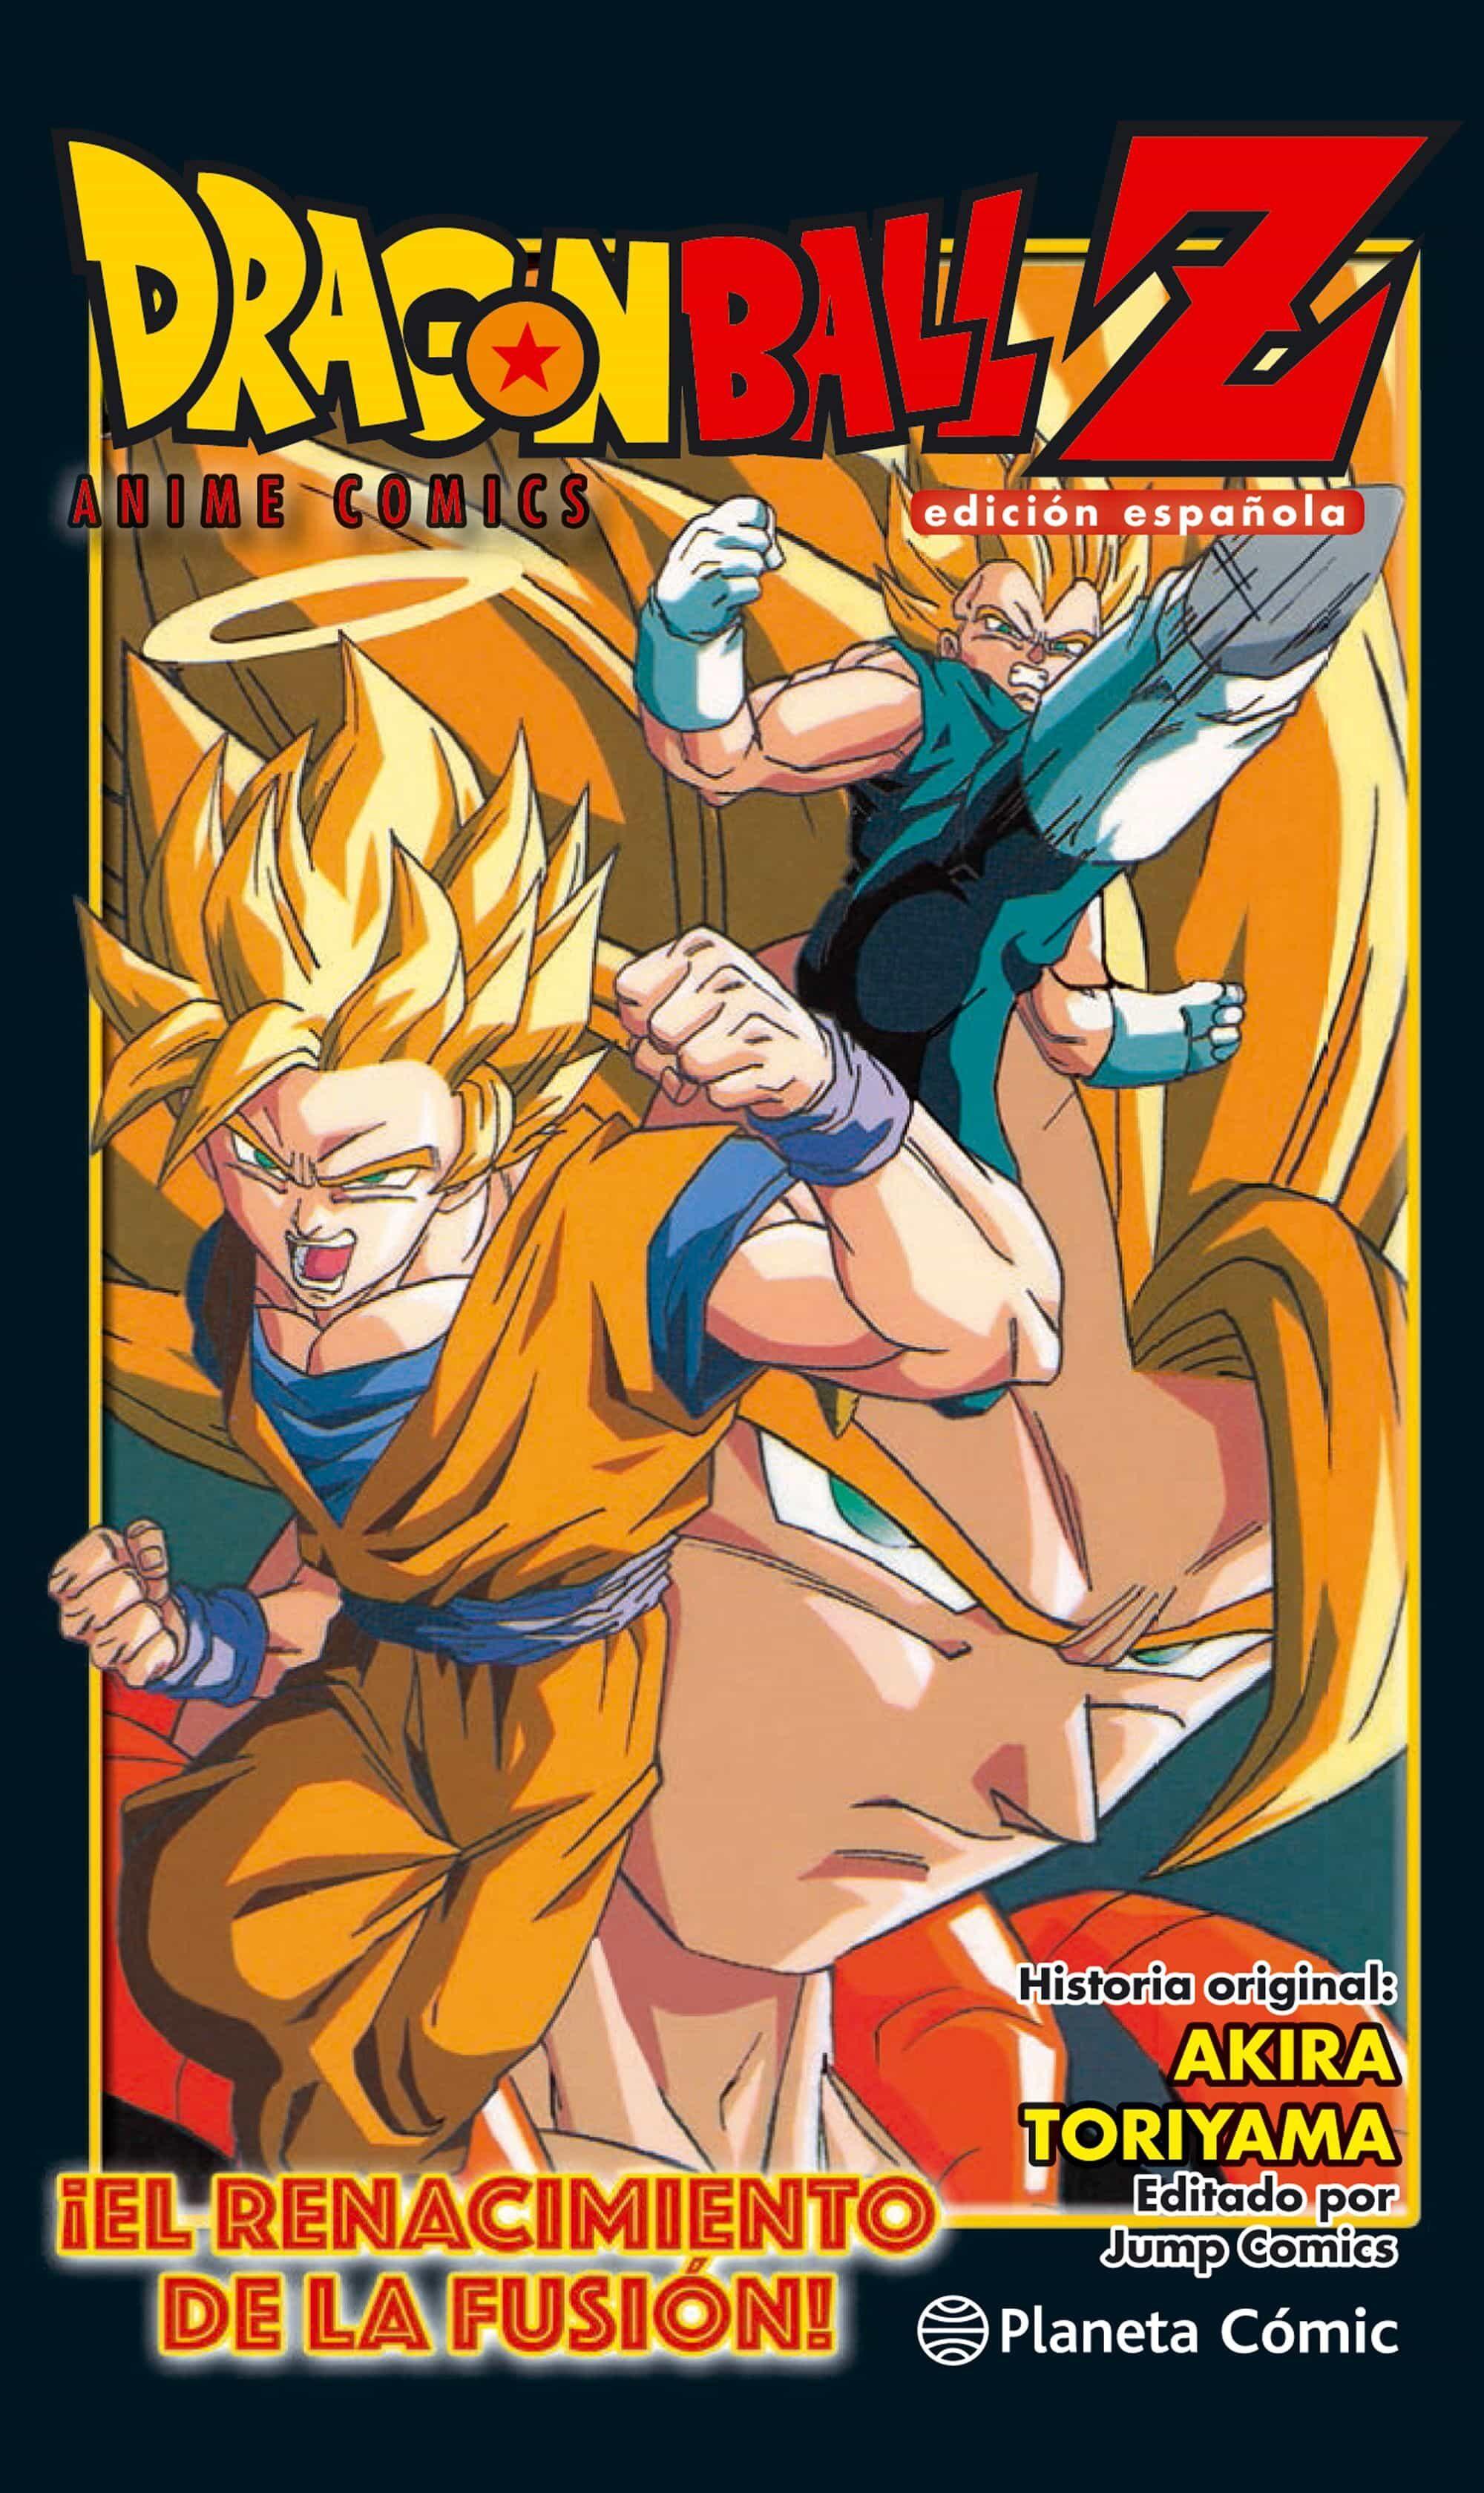 Dragon Ball Z Anime Comic ¡el Renacimiento De La Fusion! - Toriyama Akira